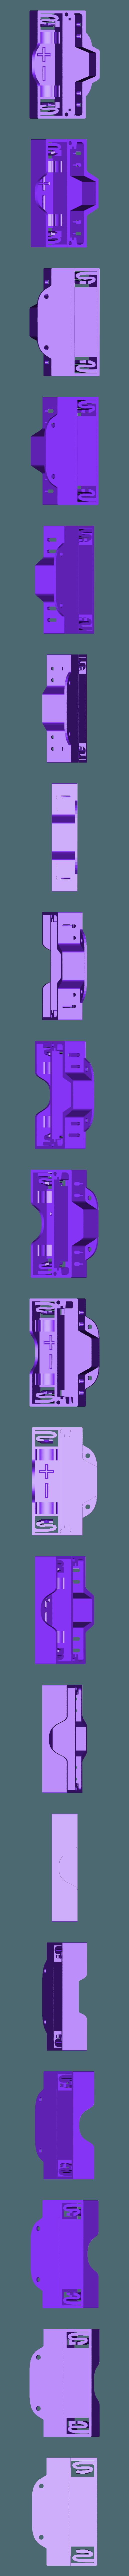 CamBatCase_fixture.stl Télécharger fichier STL gratuit Boîtier de batterie 18650 avec espace pour le chargeur et le convertisseur élévateur • Objet pour impression 3D, suromark